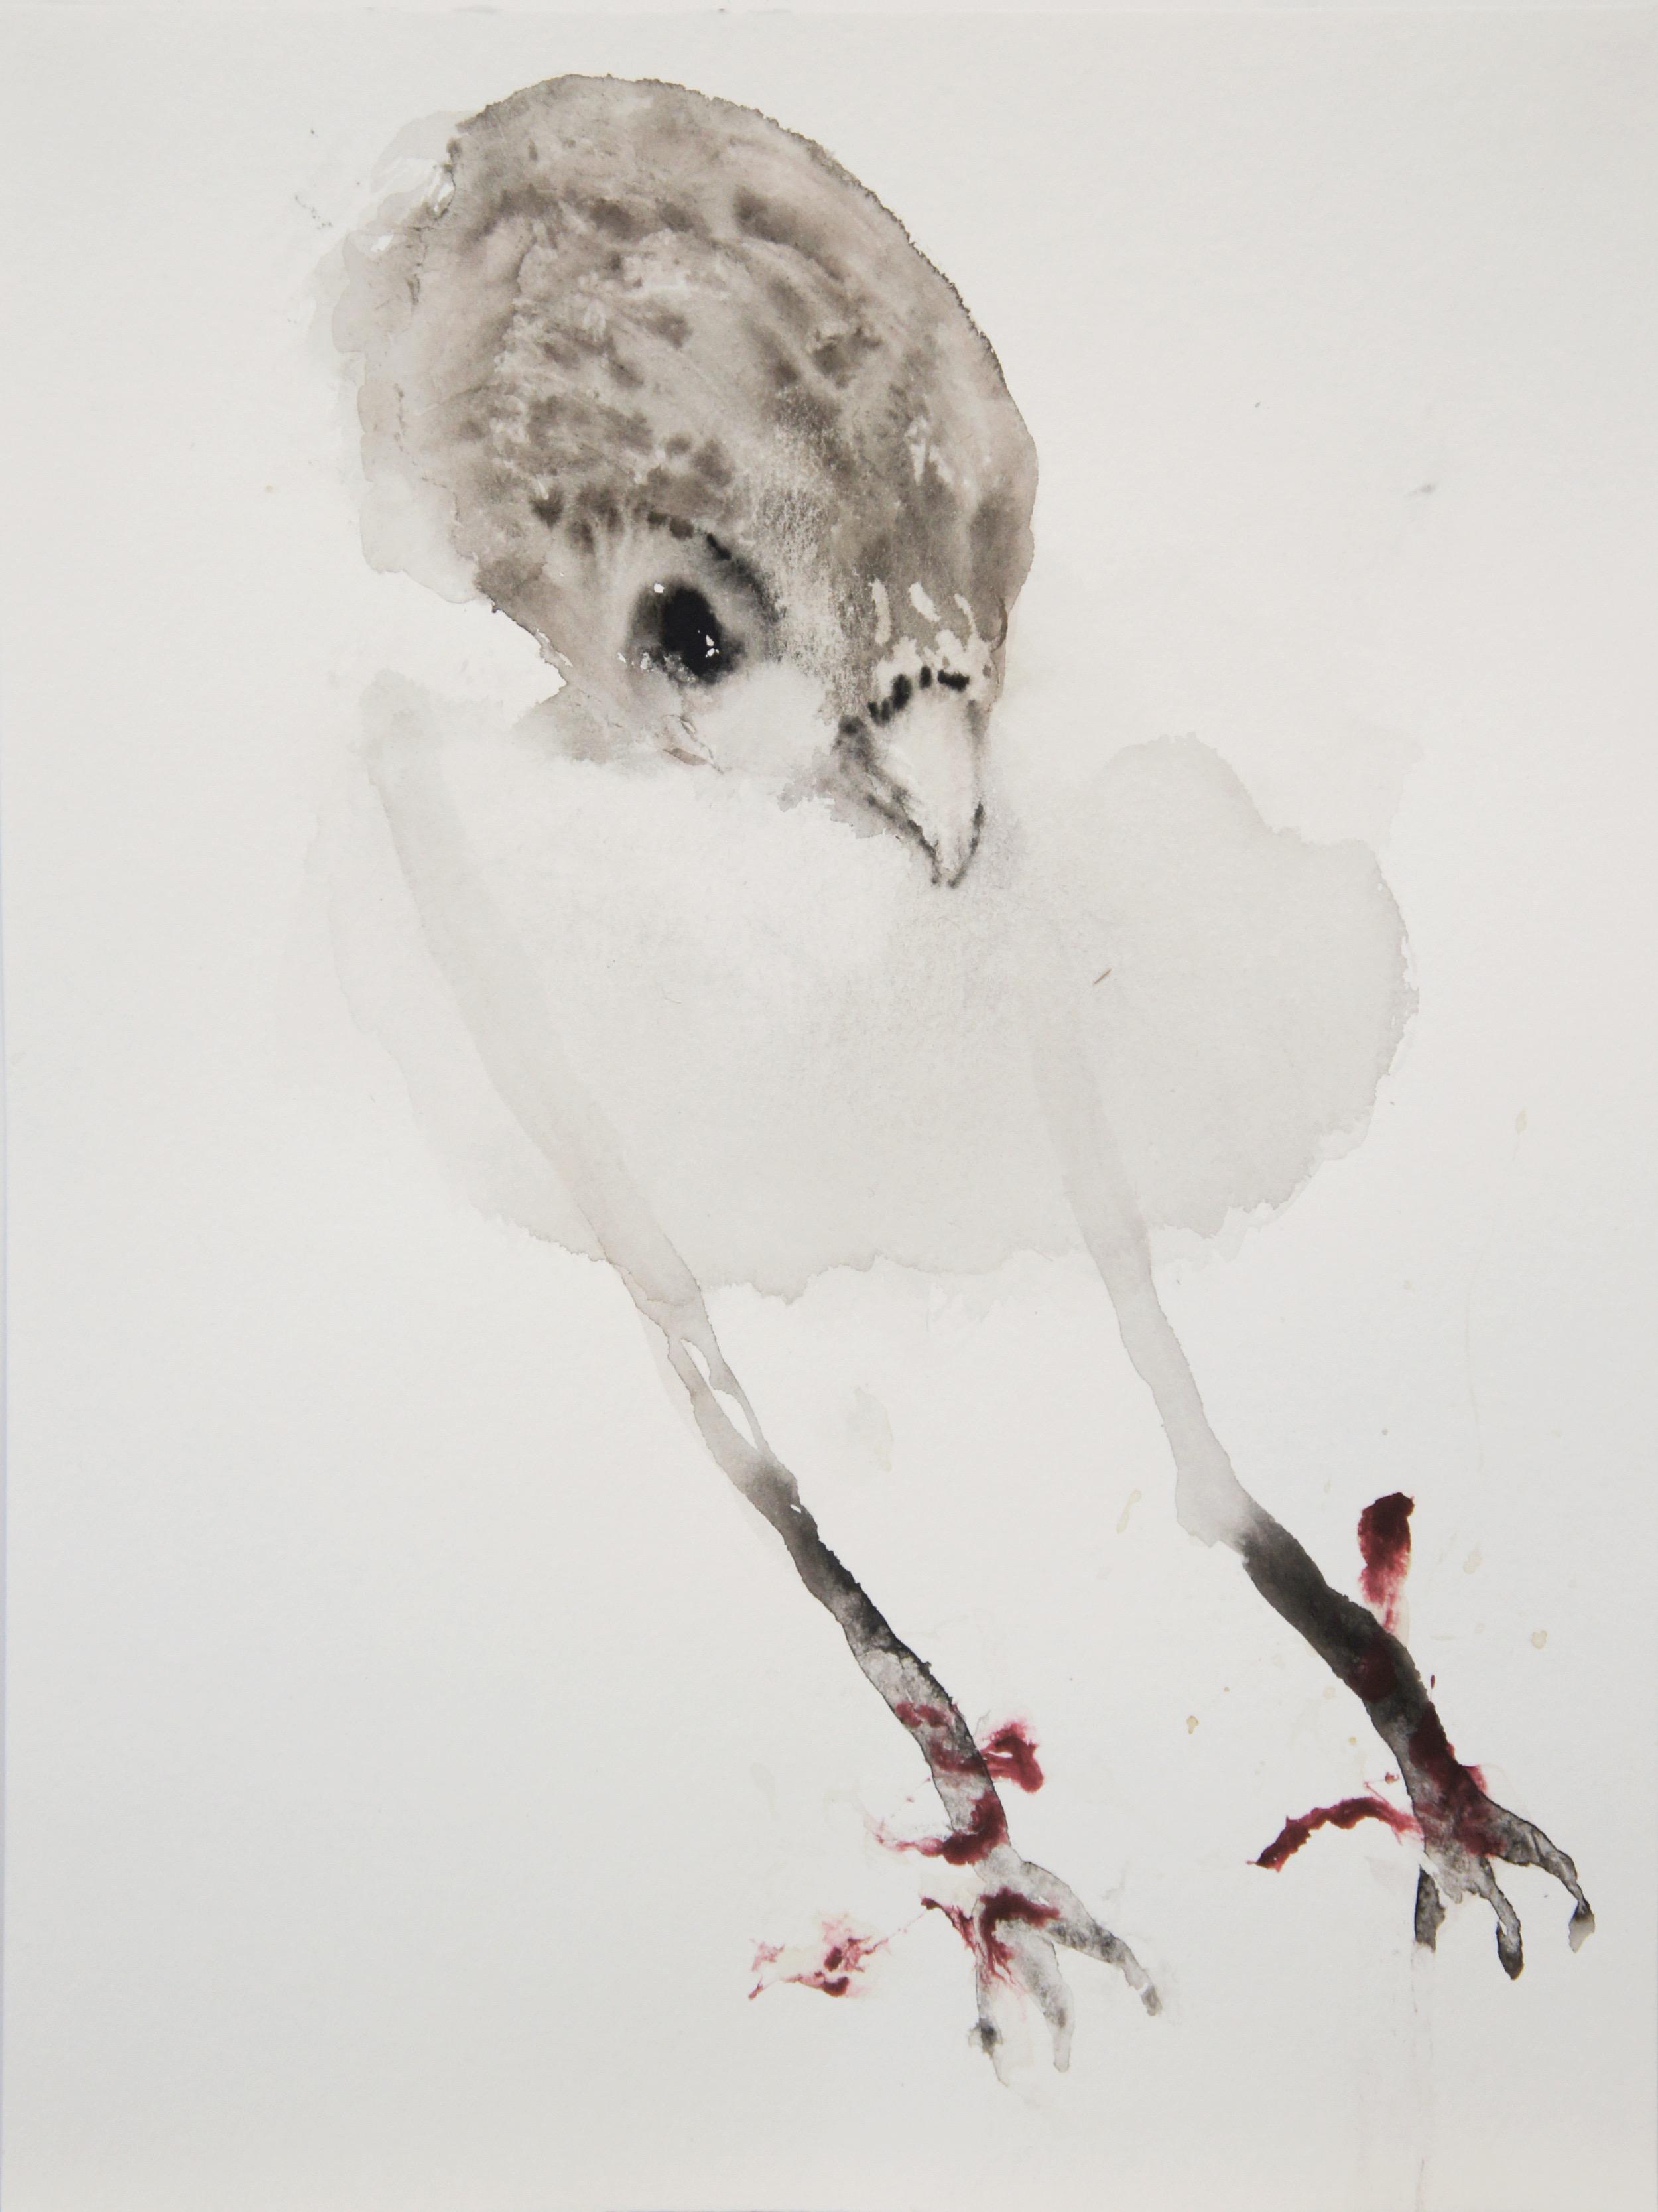 """Guy Oberson, """"Bird (Ciel perdu 15.2.15)"""", aquarelle sur papier bambou, 24 x 32 x cm, 2015"""